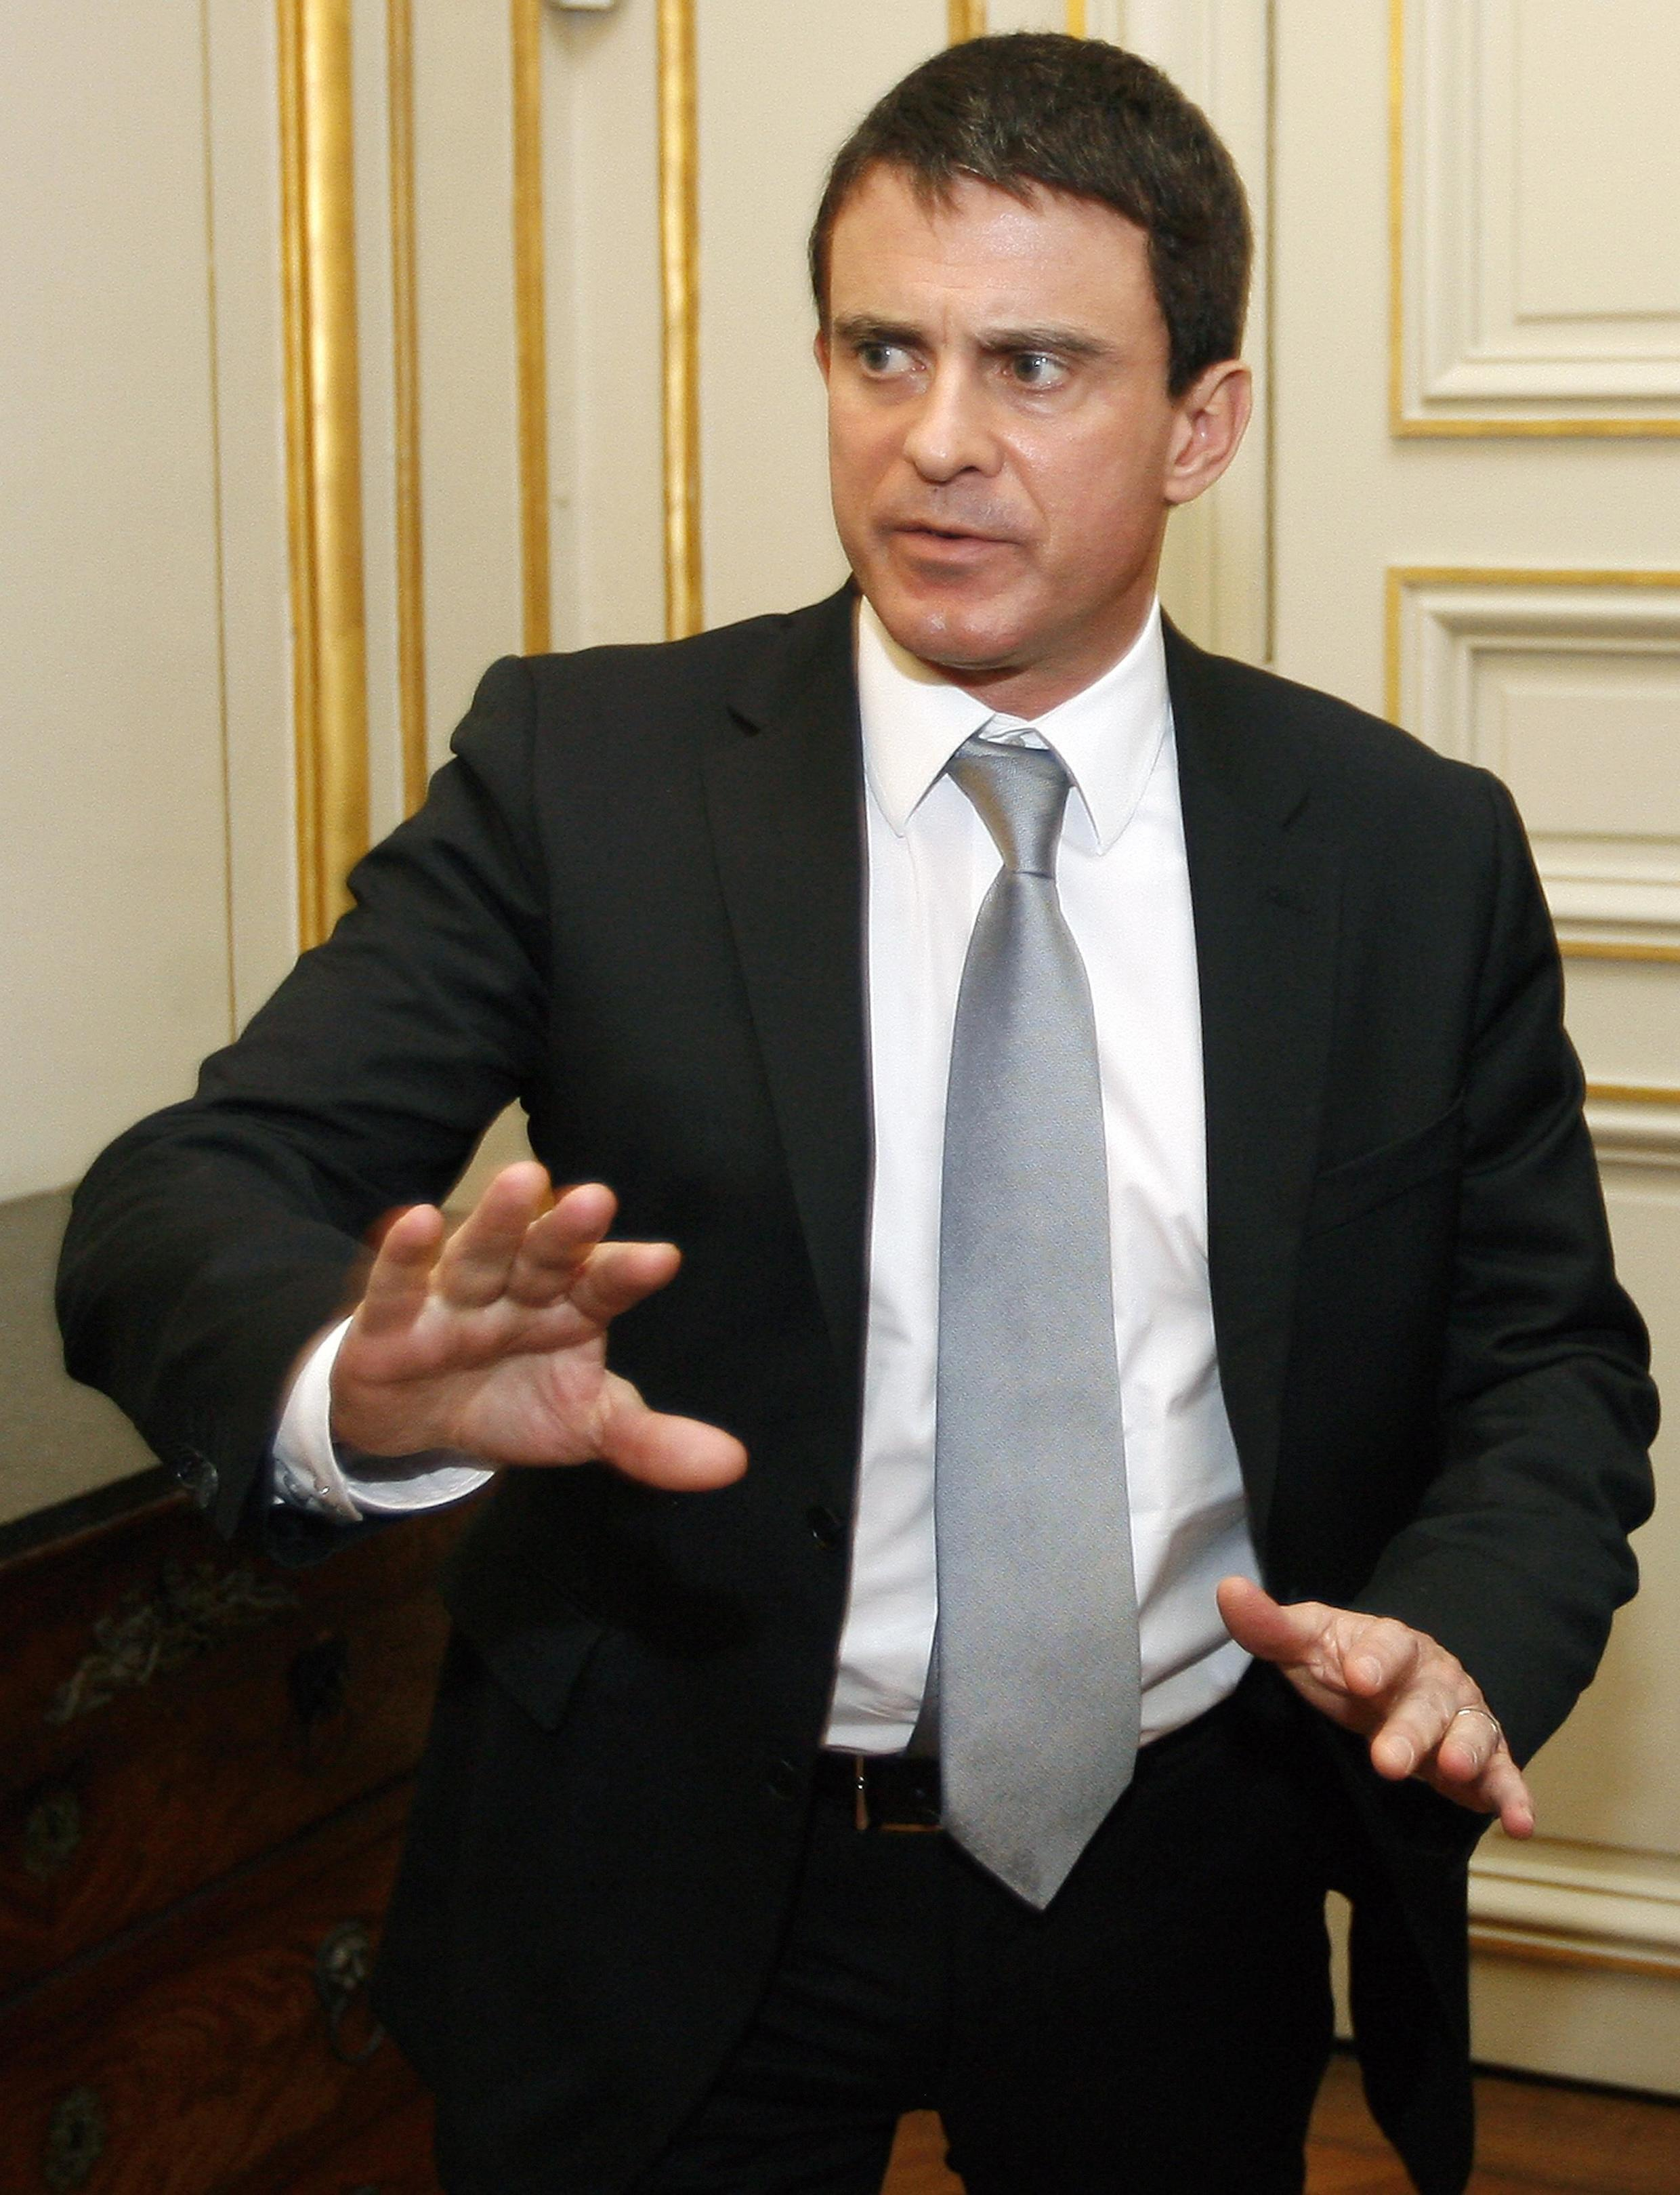 O ministro francês do Interior, Manuel Valls, se disse chocado com o incêndio que resultou em 5 mortos e 18 feridos em Gennevilliers, na periferia de Paris (foto de arquivo).